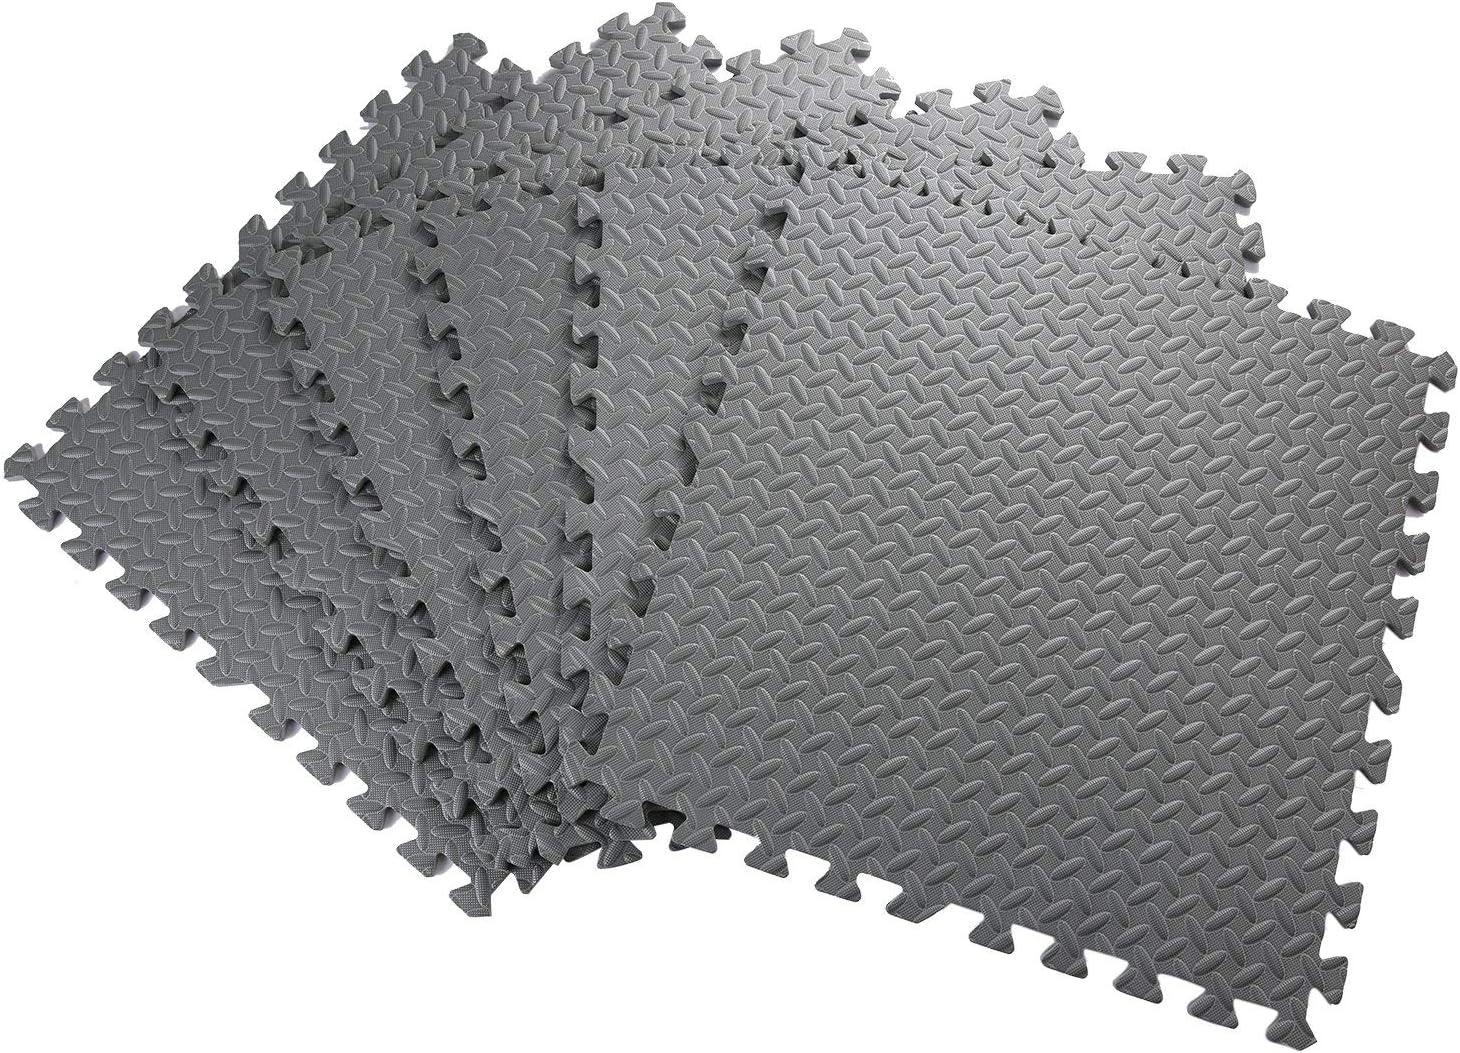 Ginnastica Hol8Iarose Tappetini da Fitness a Puzzle Tappetini a Puzzle per Pavimento Superficie di Protezione per Pavimenti Workout Garage materassino per Palestra 60cm x 60 x 1cm